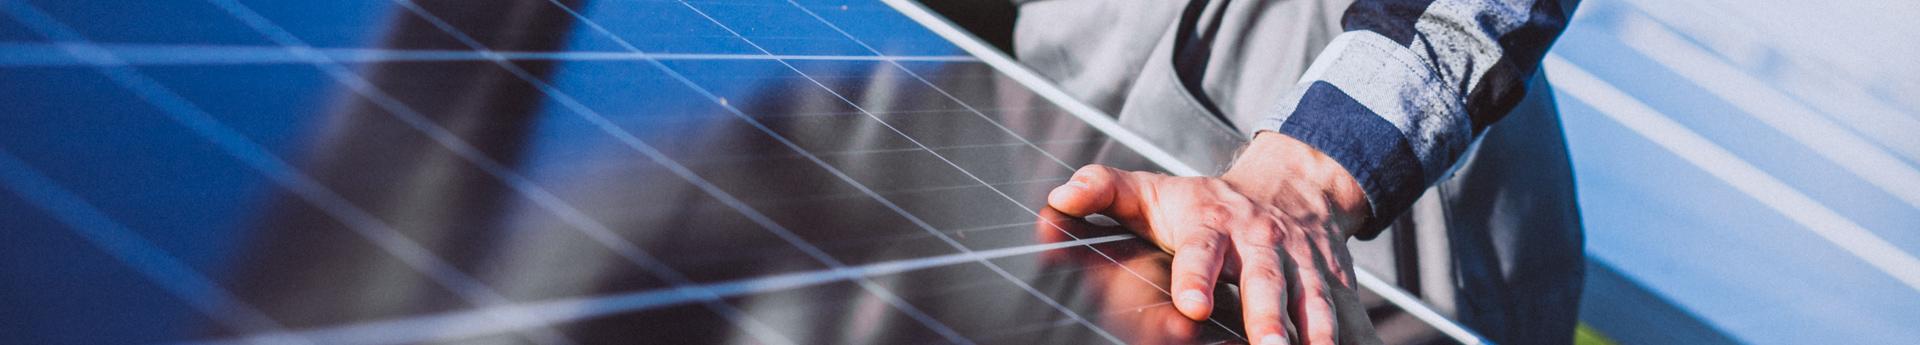 Installazione impianti solari fotovoltaici e termici